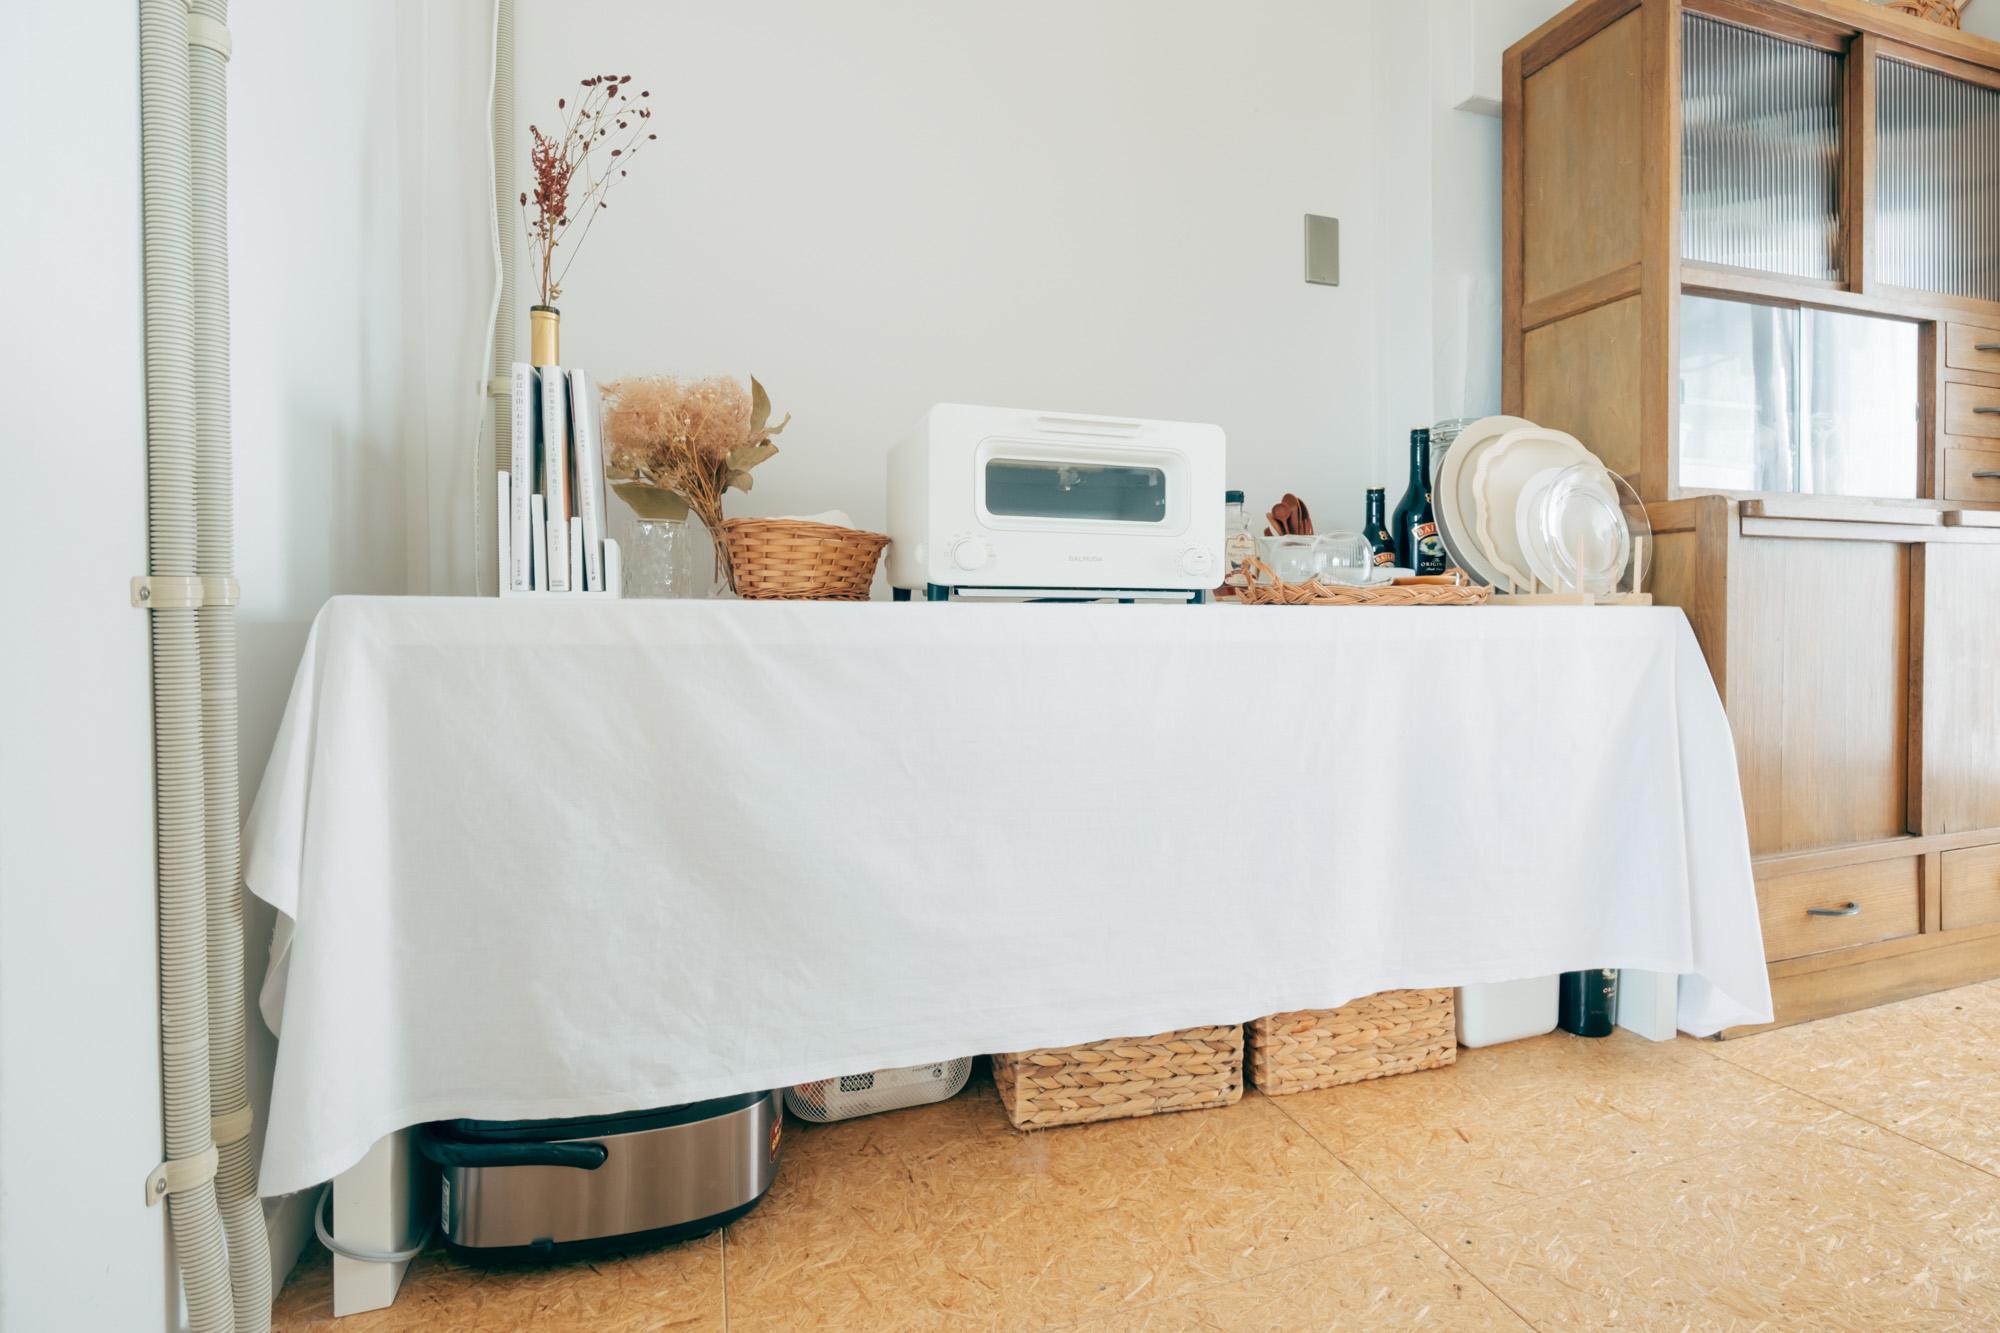 キッチンなど、日用品な食品のストックでごちゃごちゃしている棚は、布をかけて隠してしまうのもありです。(このお部屋はこちら)